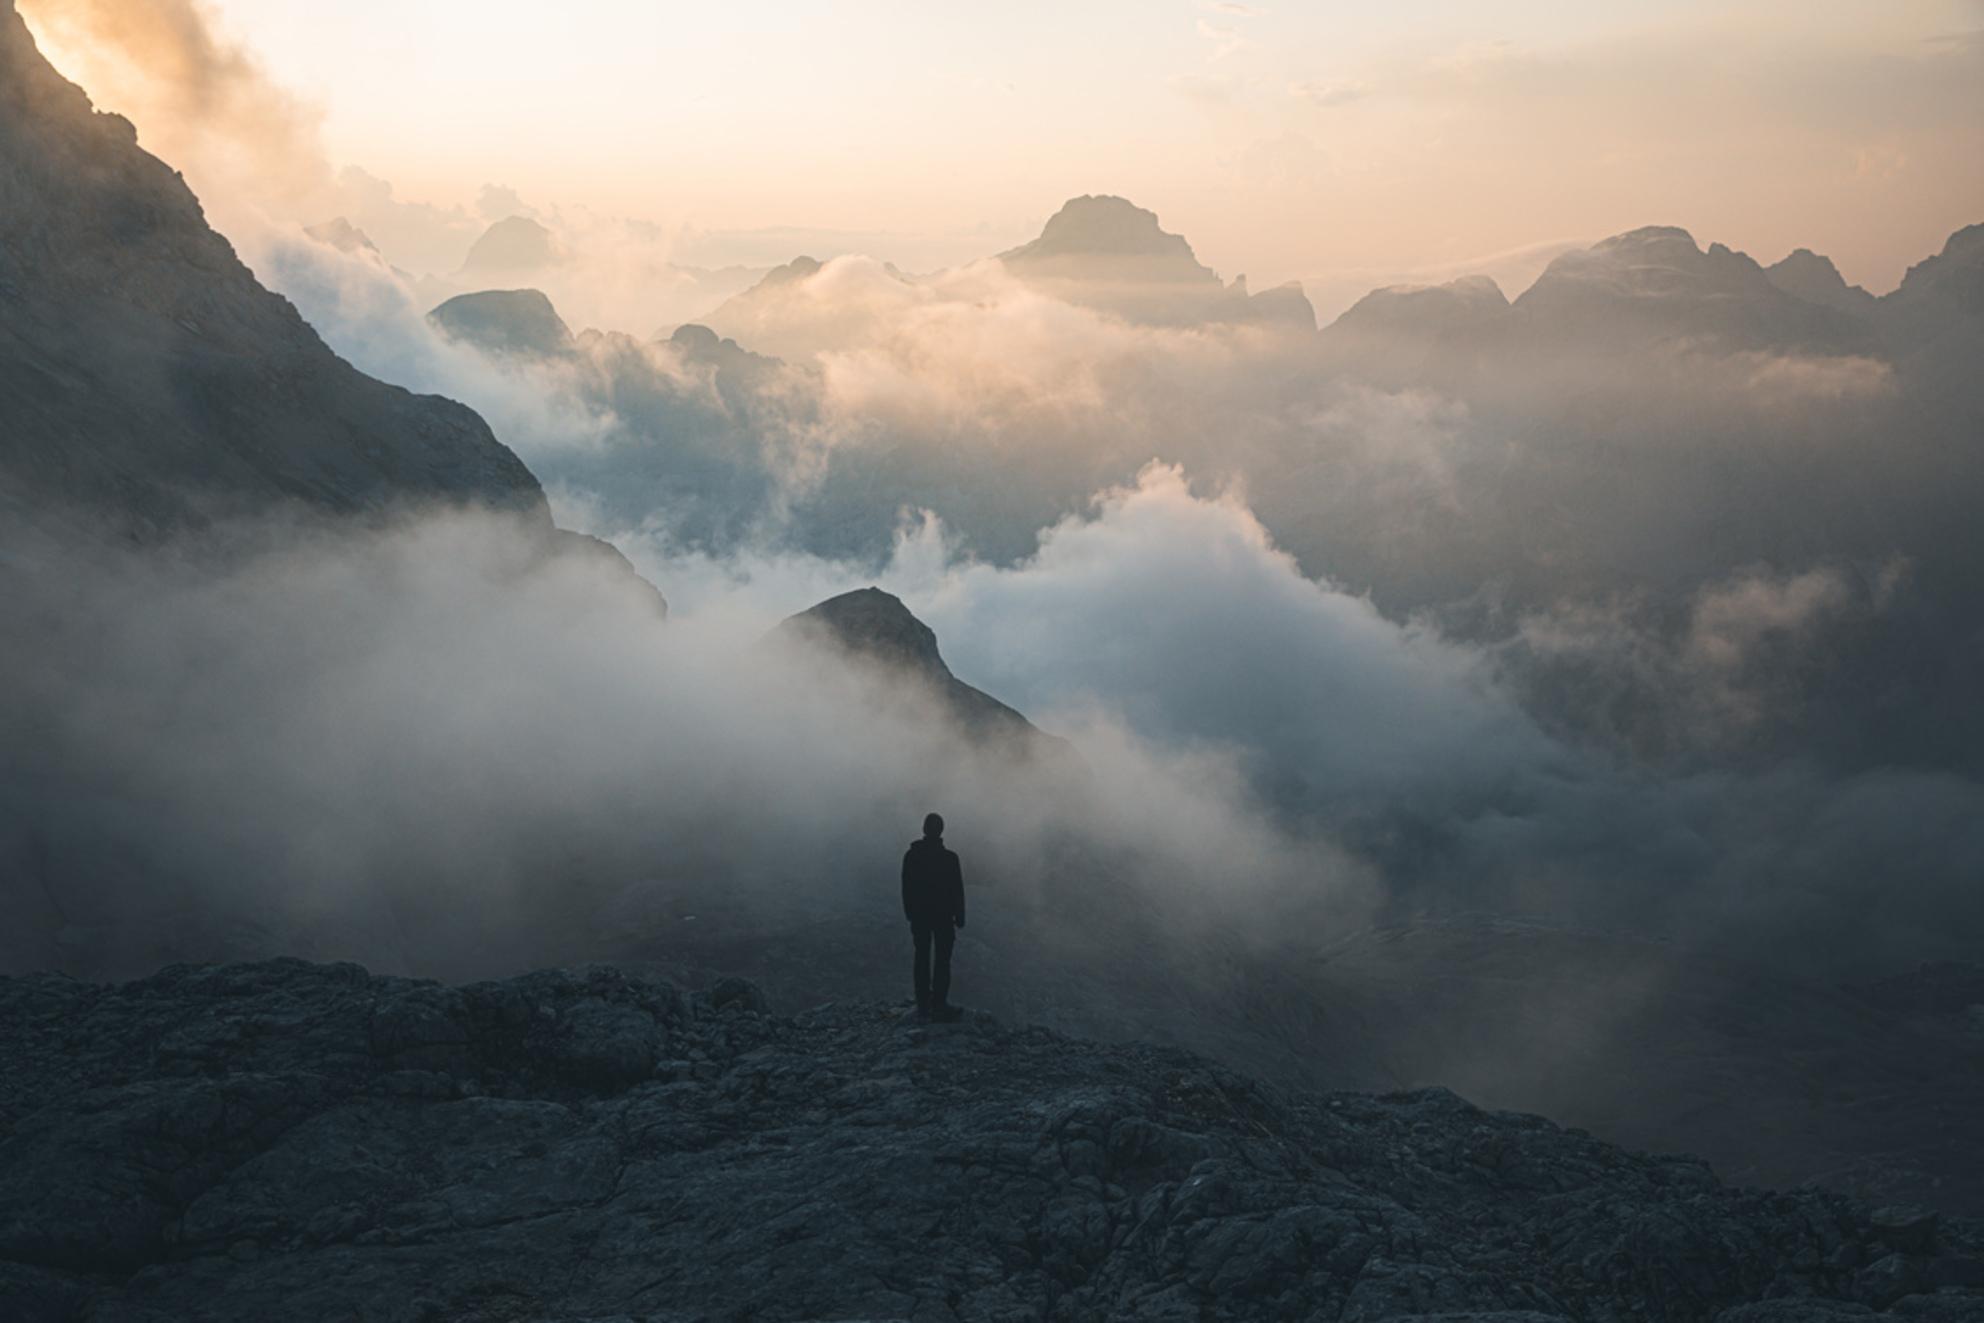 Beauty in chaos. - Prachtige chaos tijdens zonsondergang in de Julische Alpen.  Make sure you follow me on: https://www.facebook.com/ShotByCanipel/ https://www.inst - foto door canipel op 28-09-2019 - deze foto bevat: lucht, wolken, kleur, uitzicht, natuur, licht, avond, zonsondergang, reizen, landschap, bergen, avontuur, wandelen, alpen, persoon, reisfotografie, europa, triglav, slovenie, gouden uur - Deze foto mag gebruikt worden in een Zoom.nl publicatie